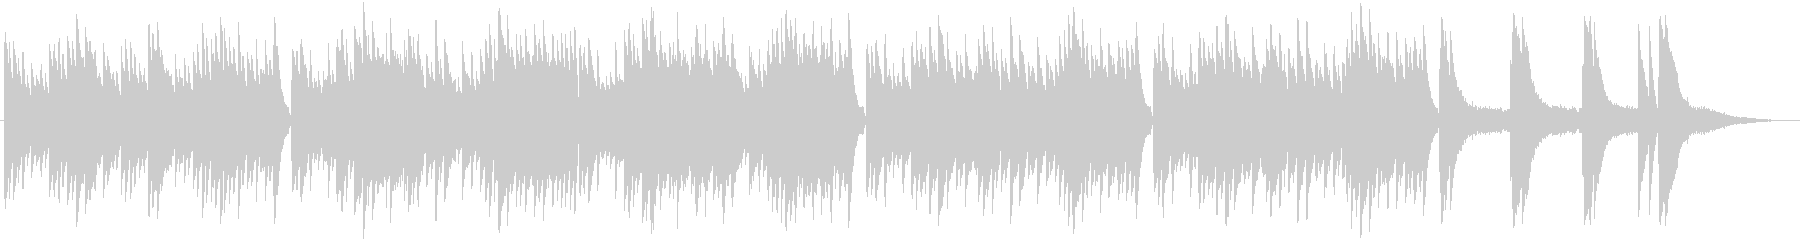 ピアノメインの切ない雰囲気のBGMの未再生の波形